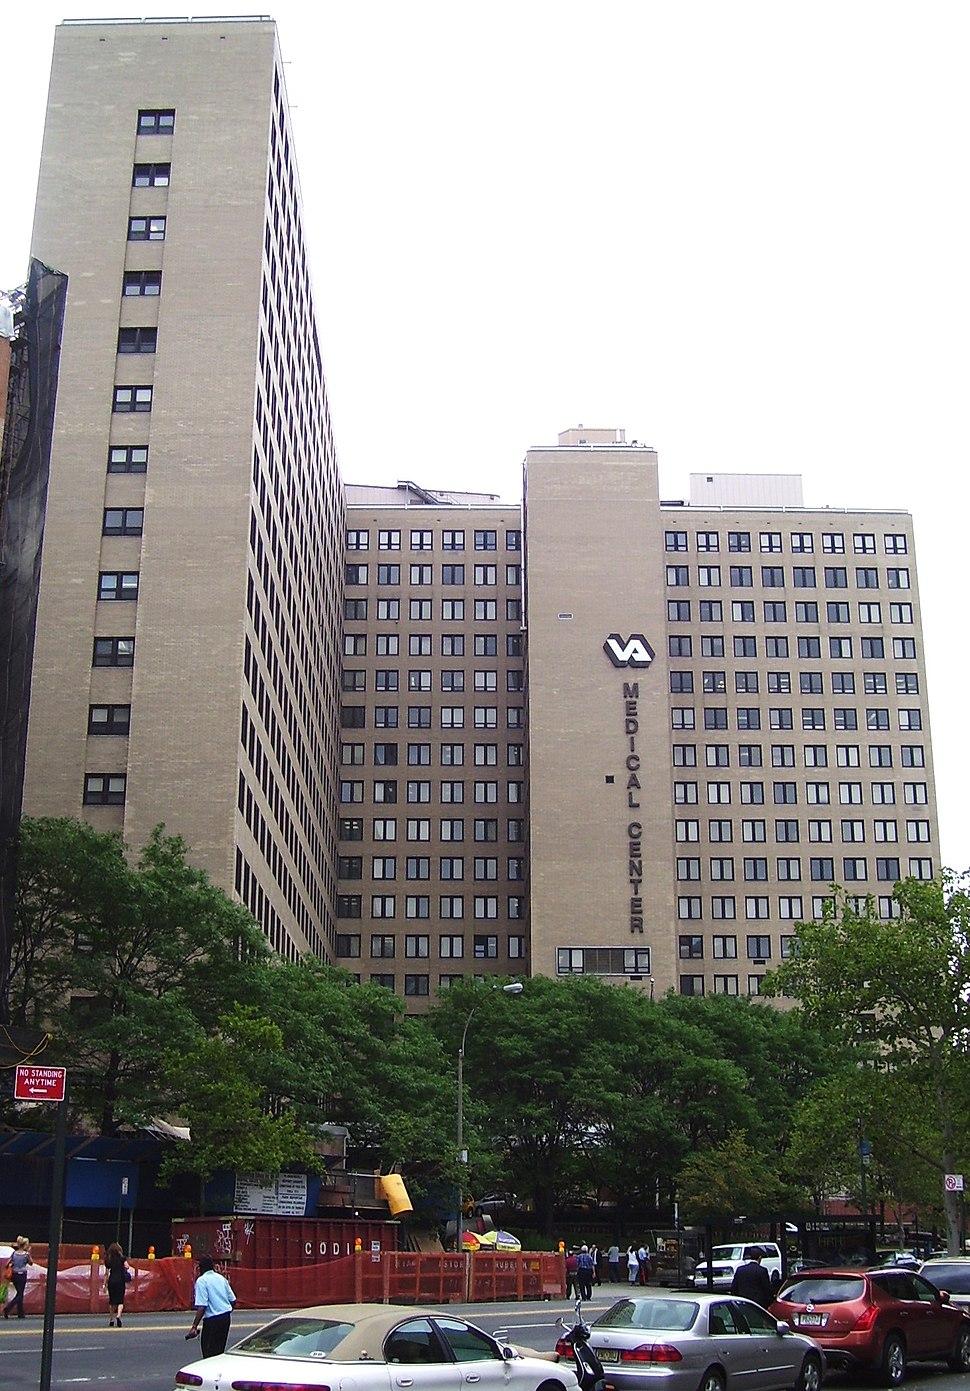 VA Medical Center NYC